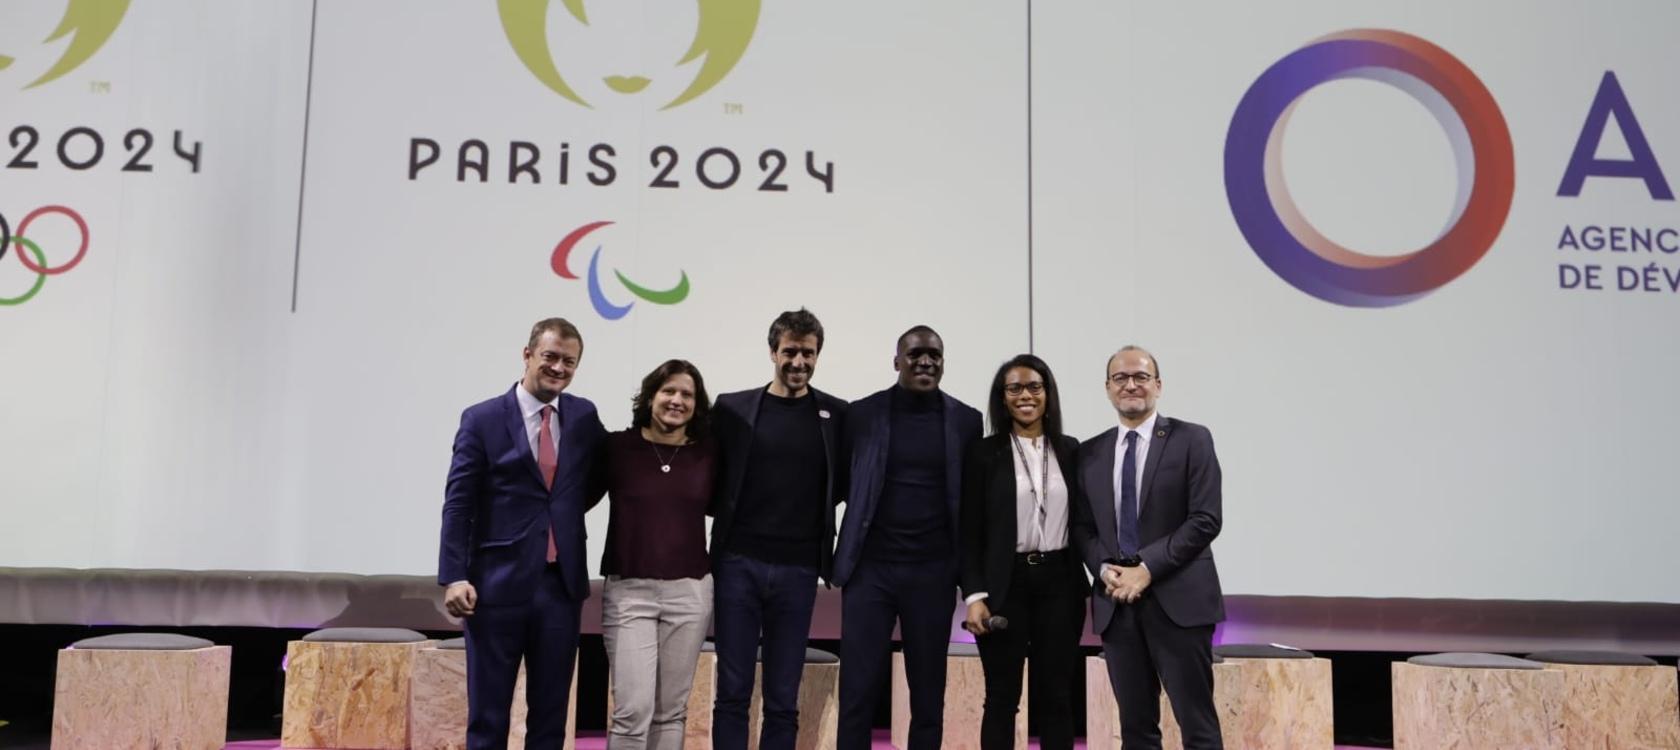 Paris 2024 - AFD, partenariat